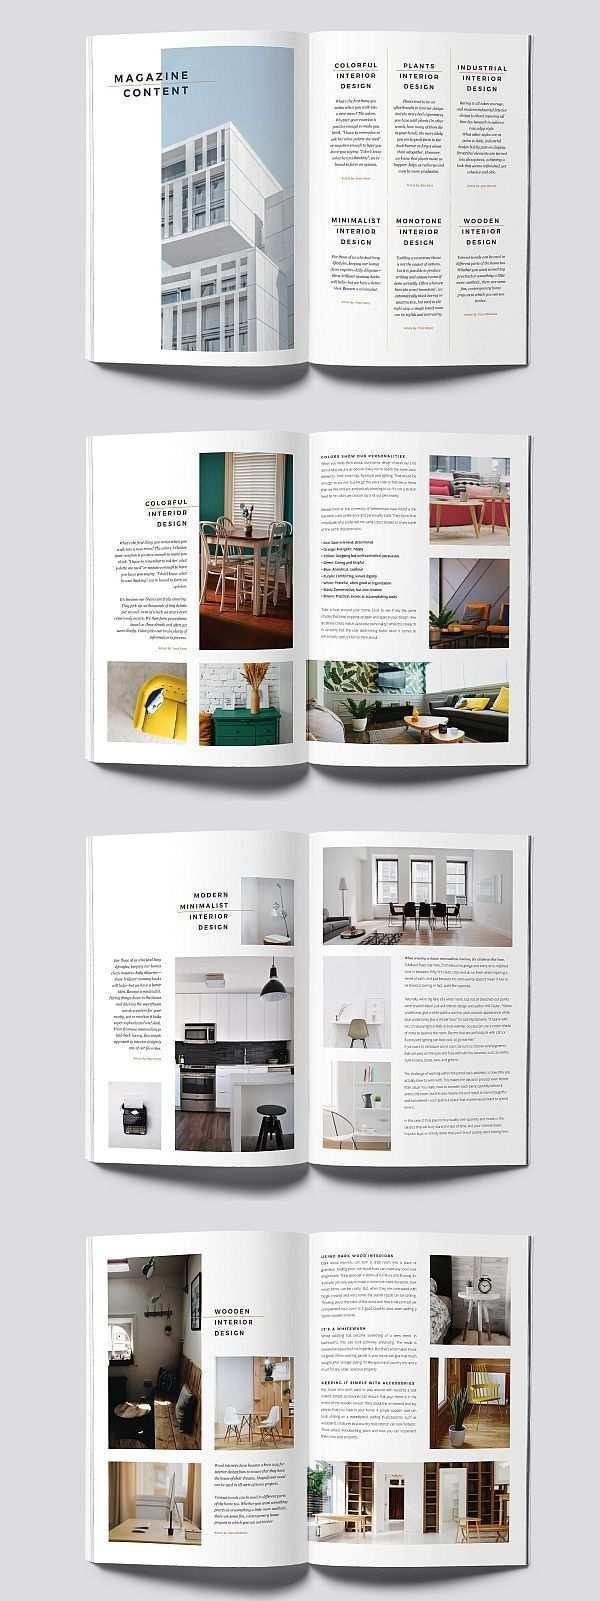 Minimal Interior Magazine Decoration Homedecor Homedesign Homeideas In 2020 Broschure Design Magazin Design Layout Design